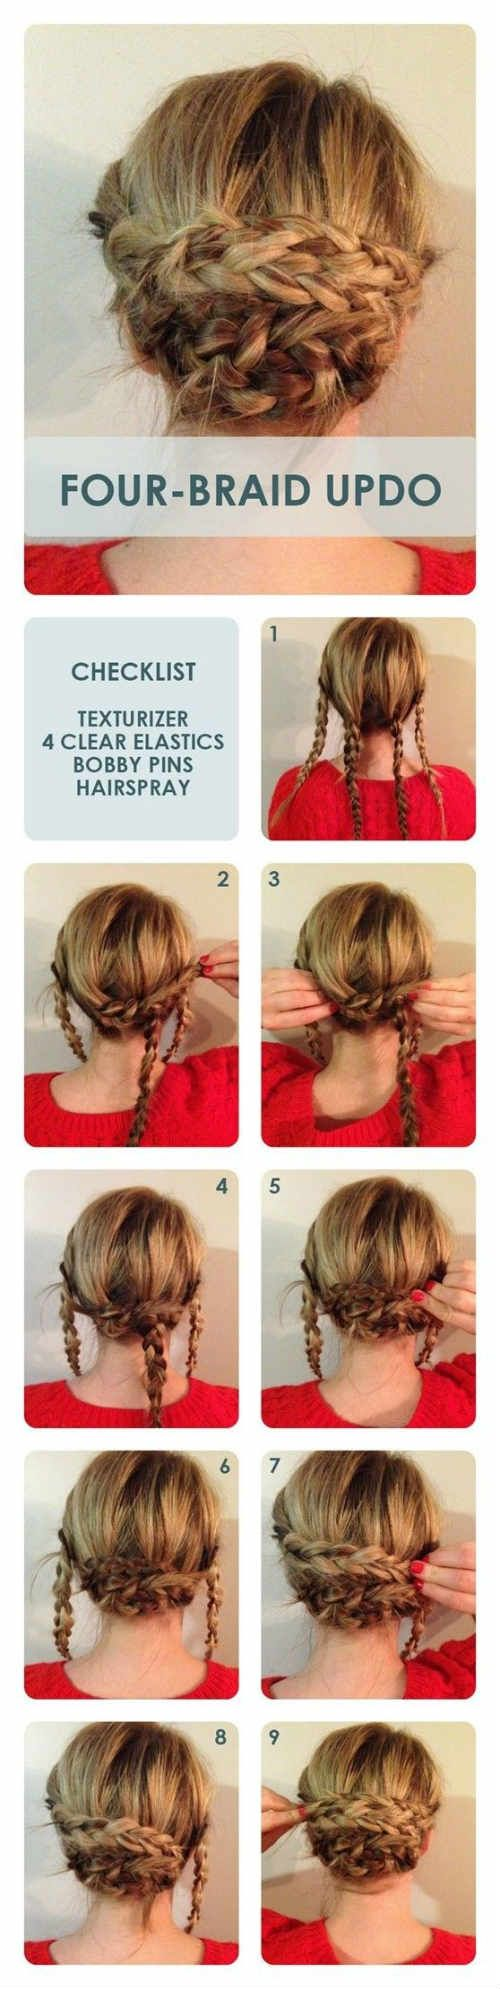 Si prefieres llevar el cabello recogido pero estás aburrida de la cola de caballo checa estos tutoriales de chongos que son súper fáciles de hacer.